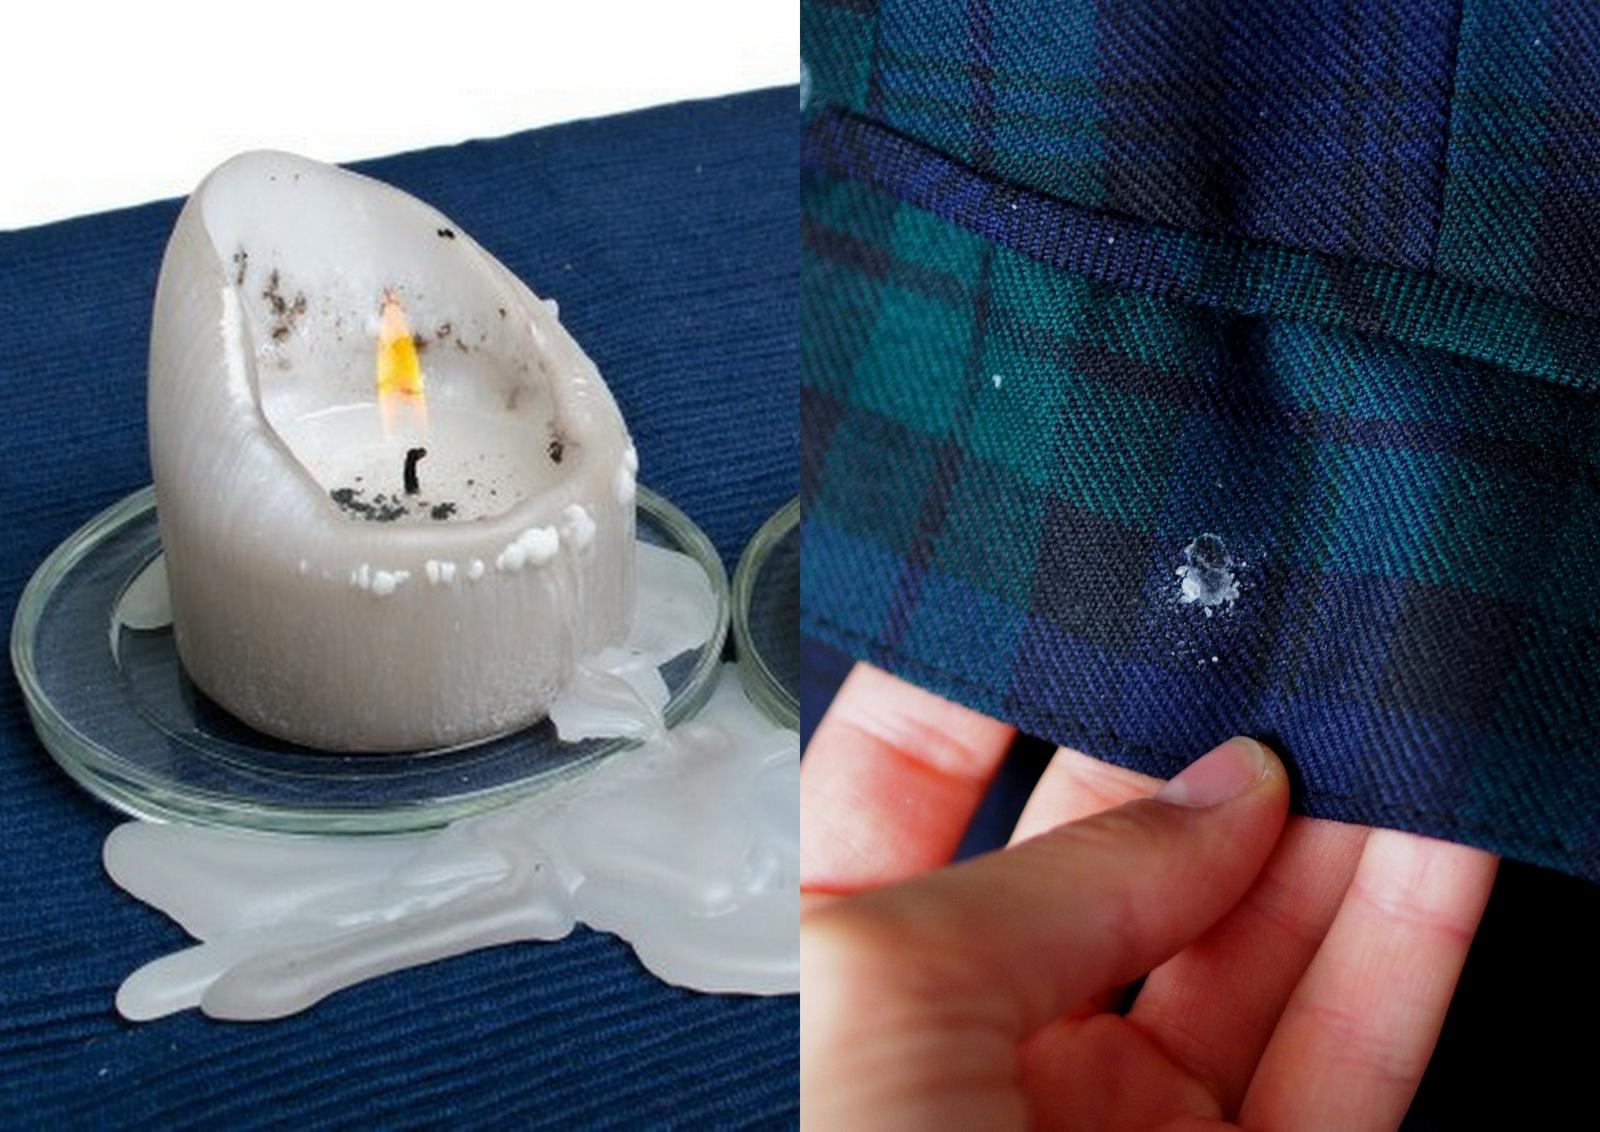 tip ako odstrániť vosk z oblečenia a textílii za pár sekúnd // how to remove candle wax from clothes